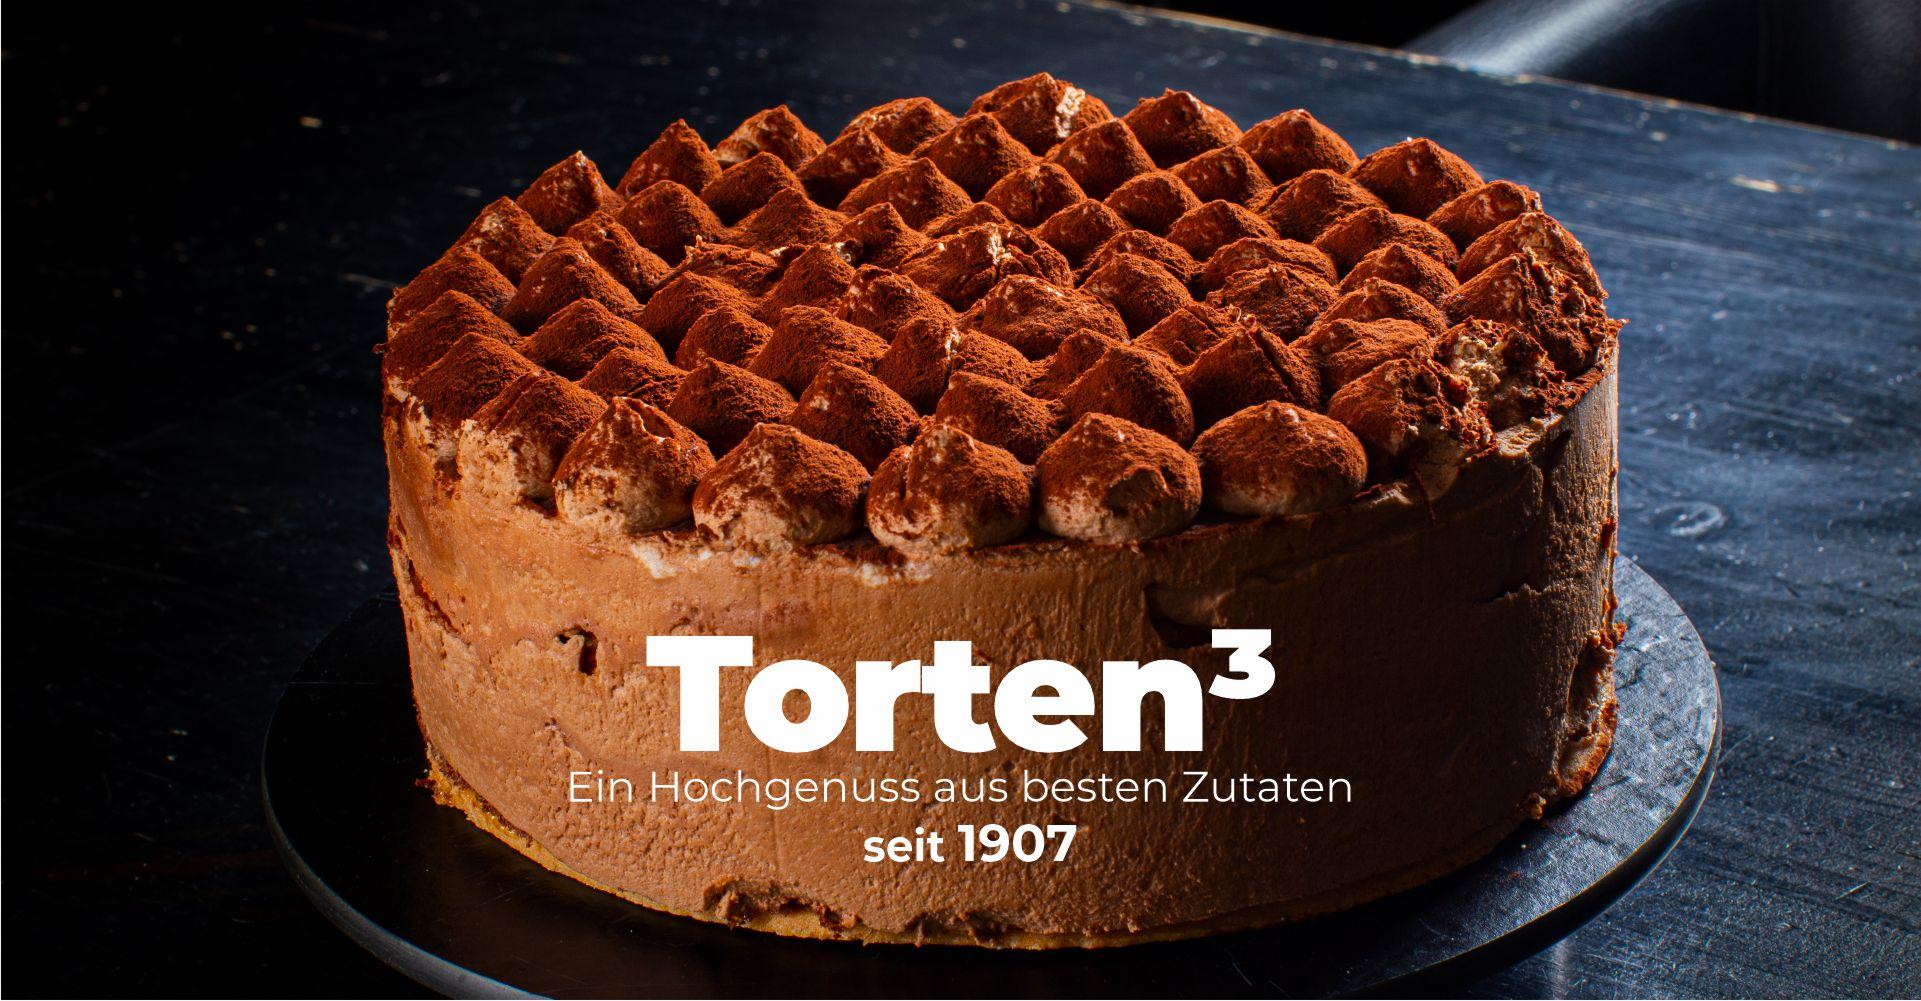 tismes_torten_003